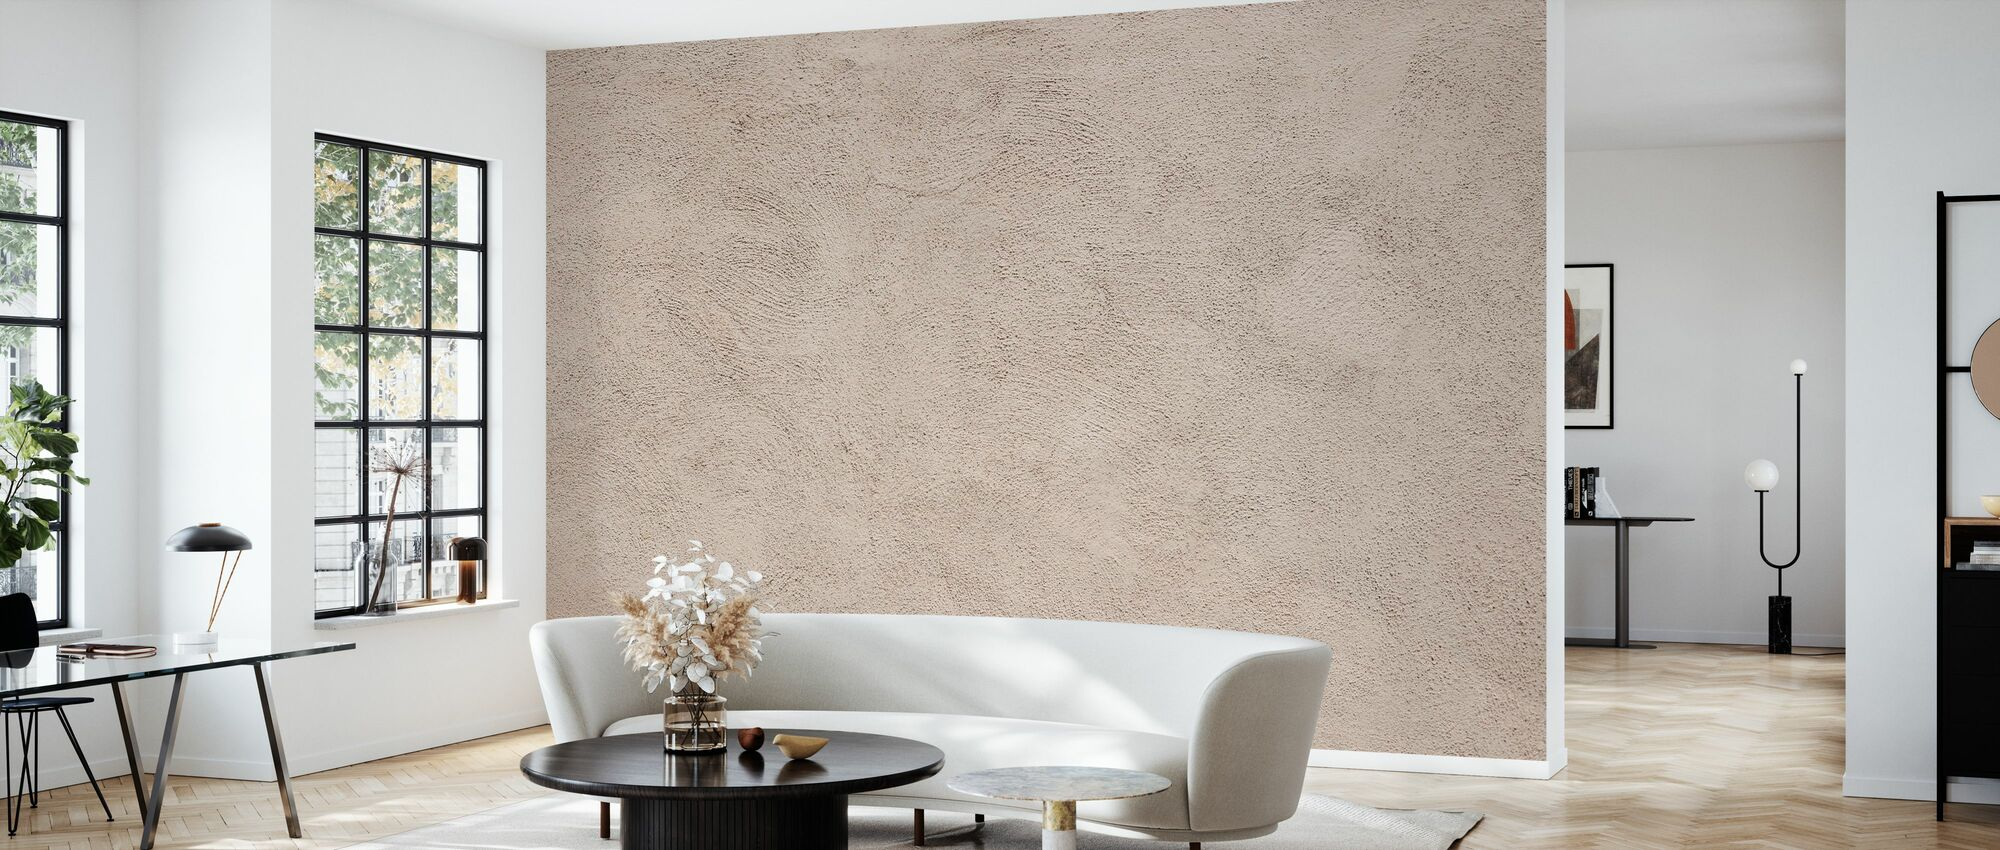 Italienische hellbraune Wand - Tapete - Wohnzimmer